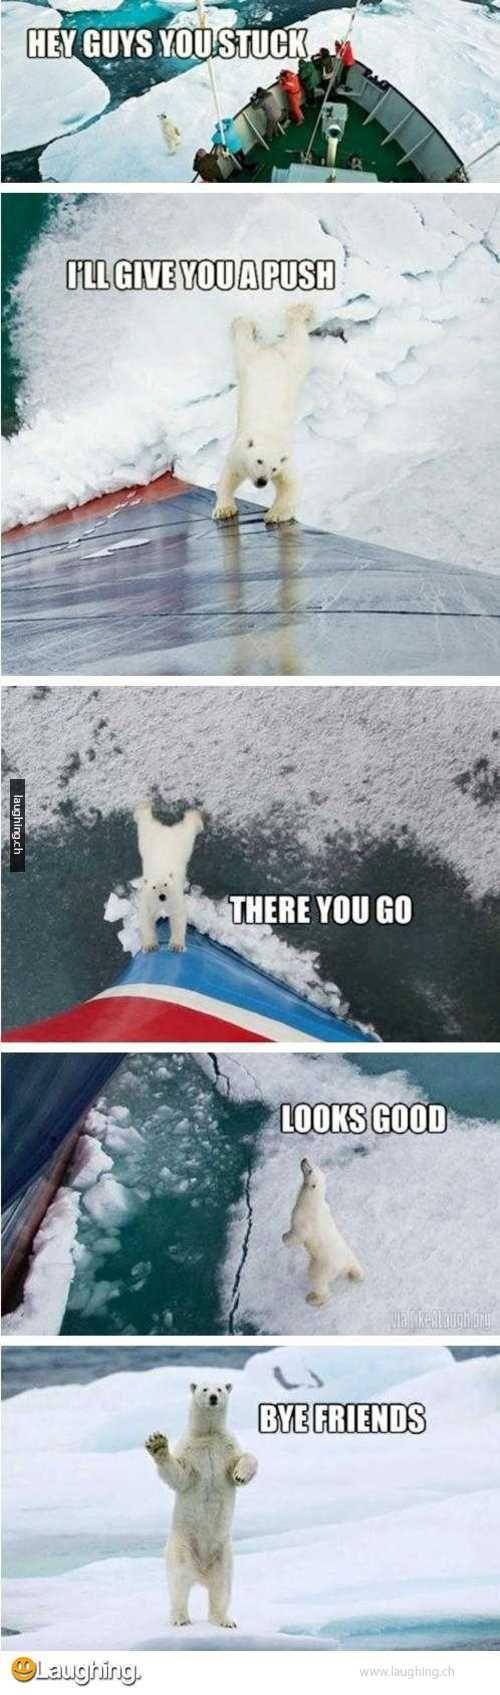 The full story behind the good guy polar bear